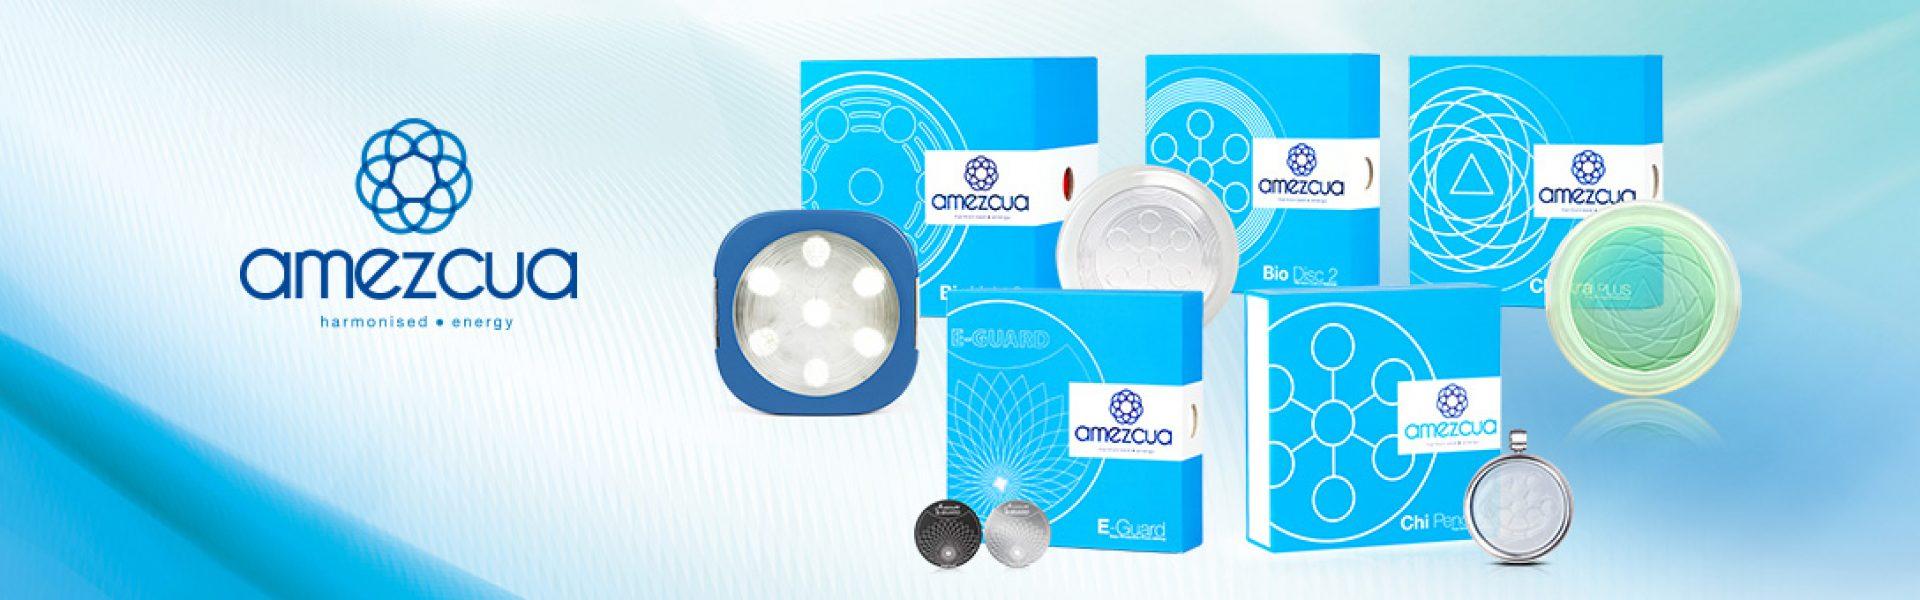 Biodisc Energy